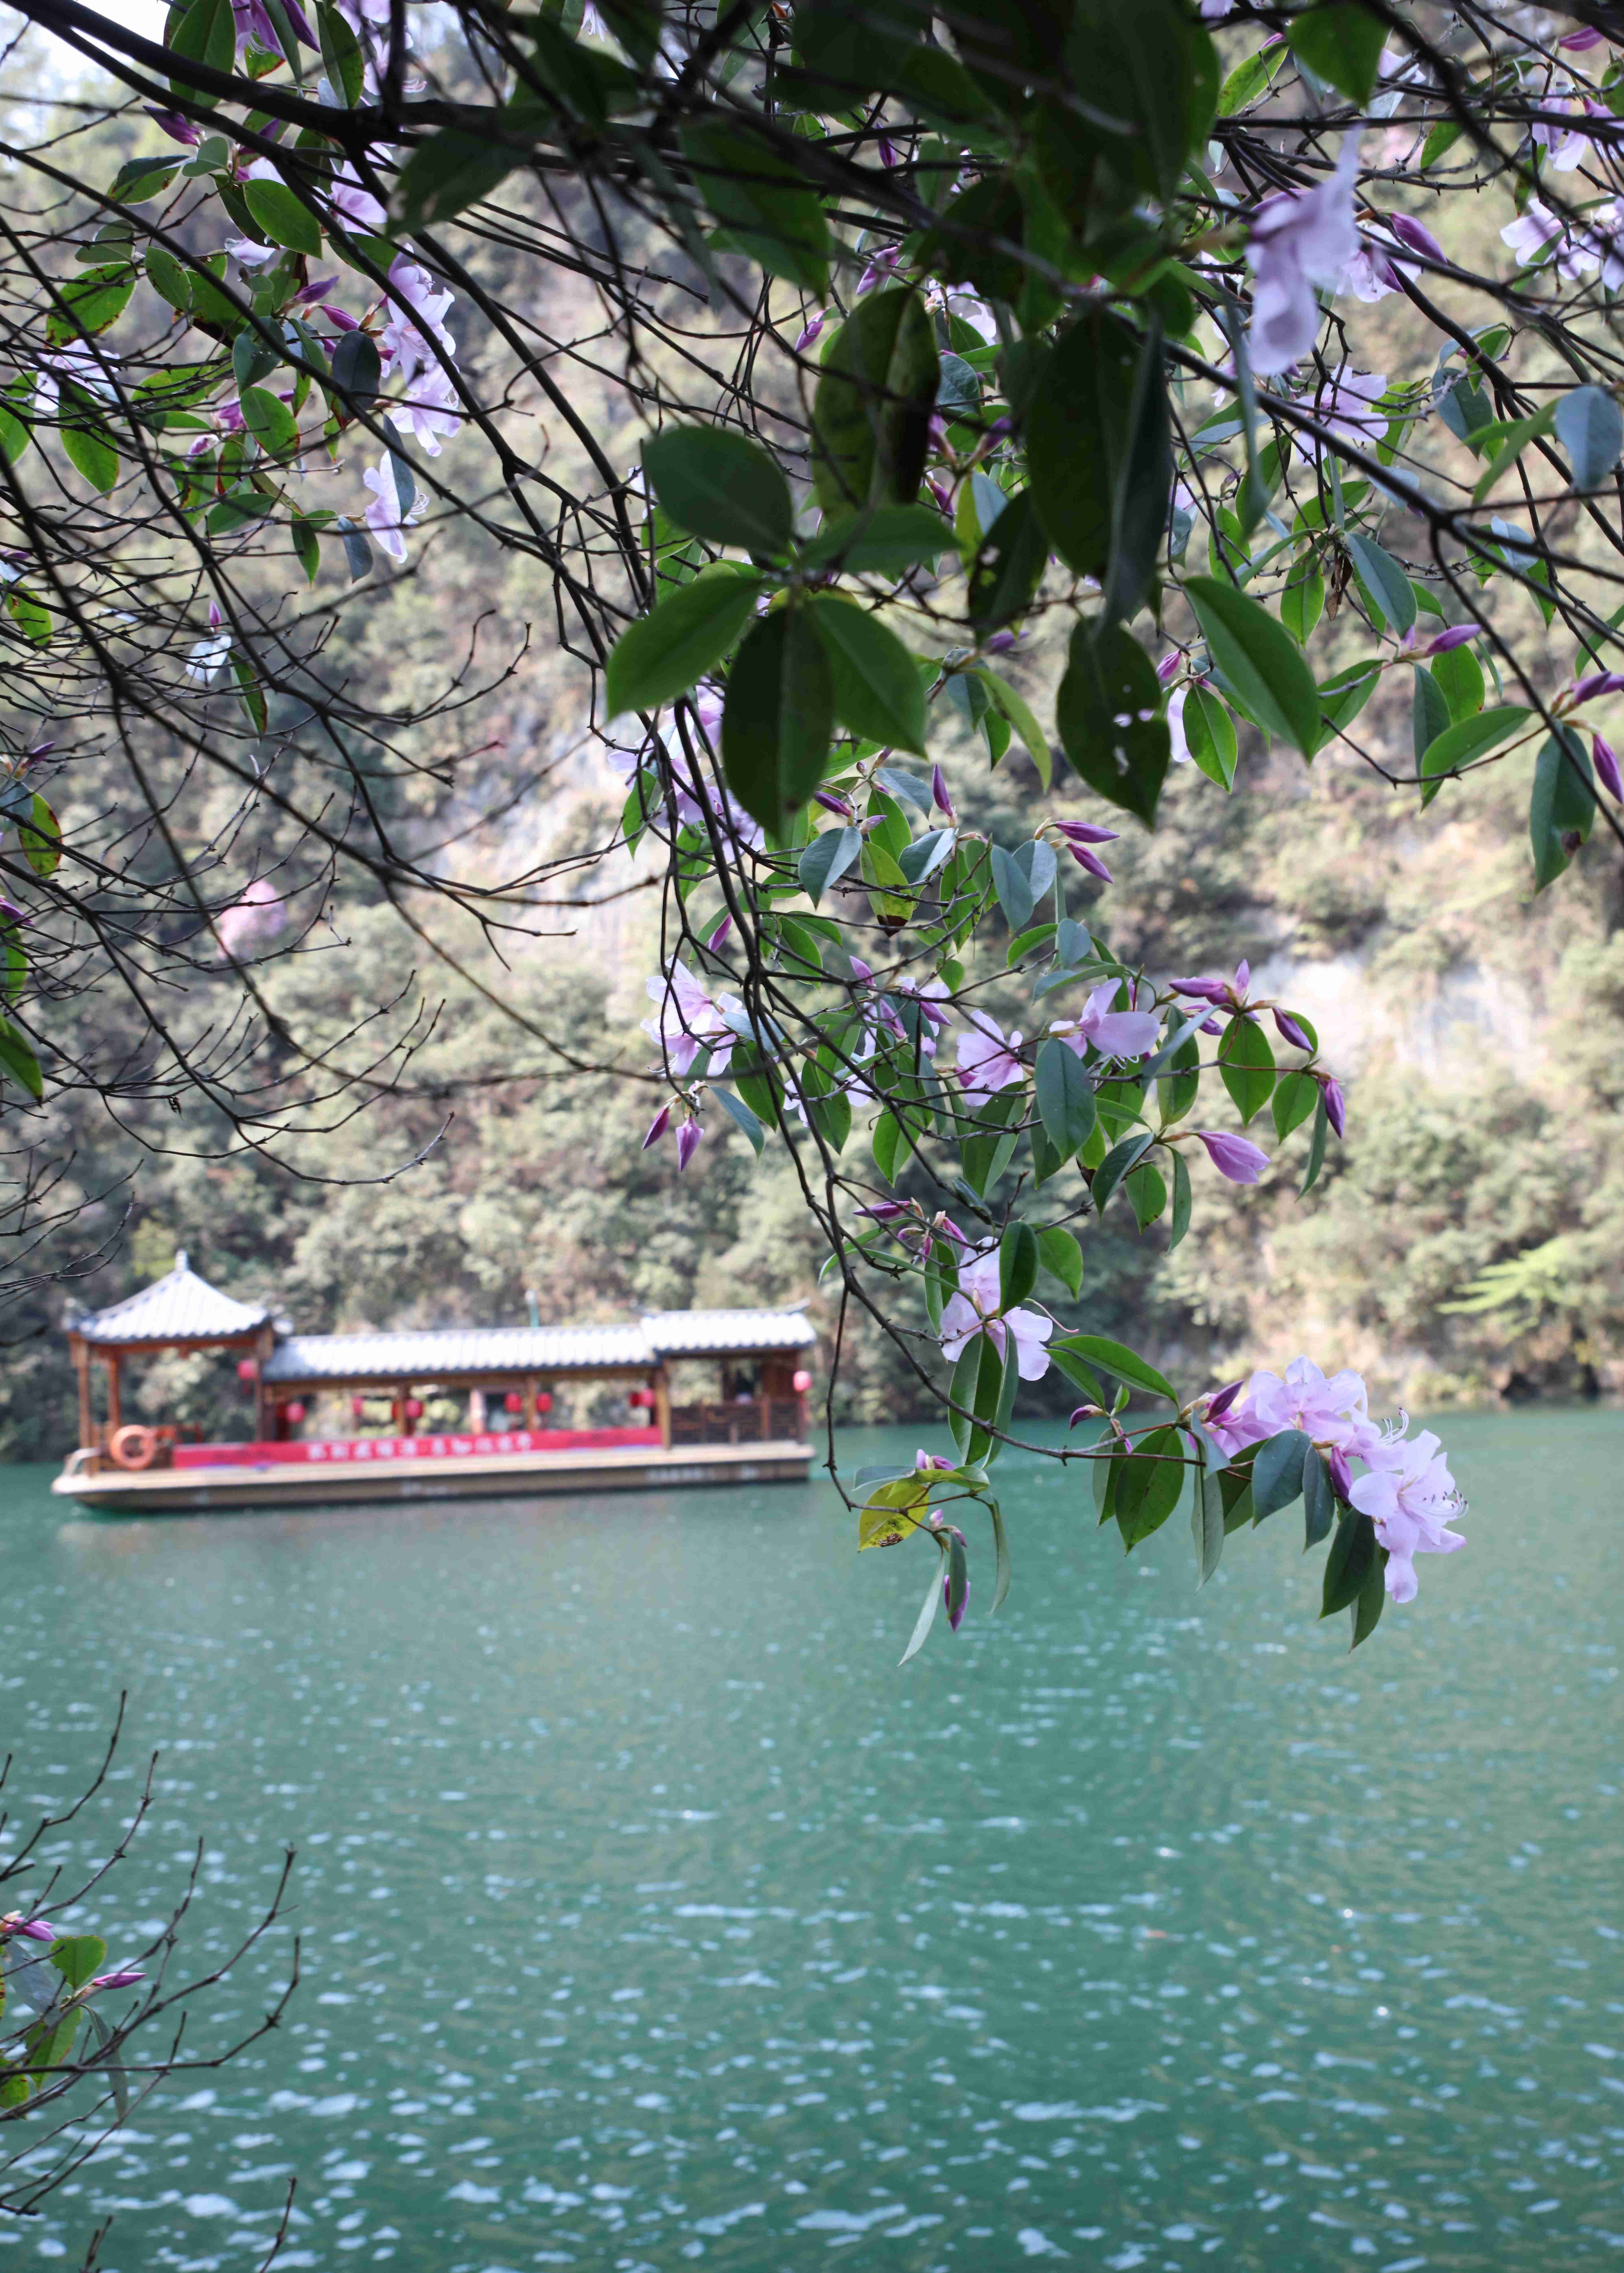 张家界宝峰湖景区:杜鹃花山间绽放 湖光春色美景如画